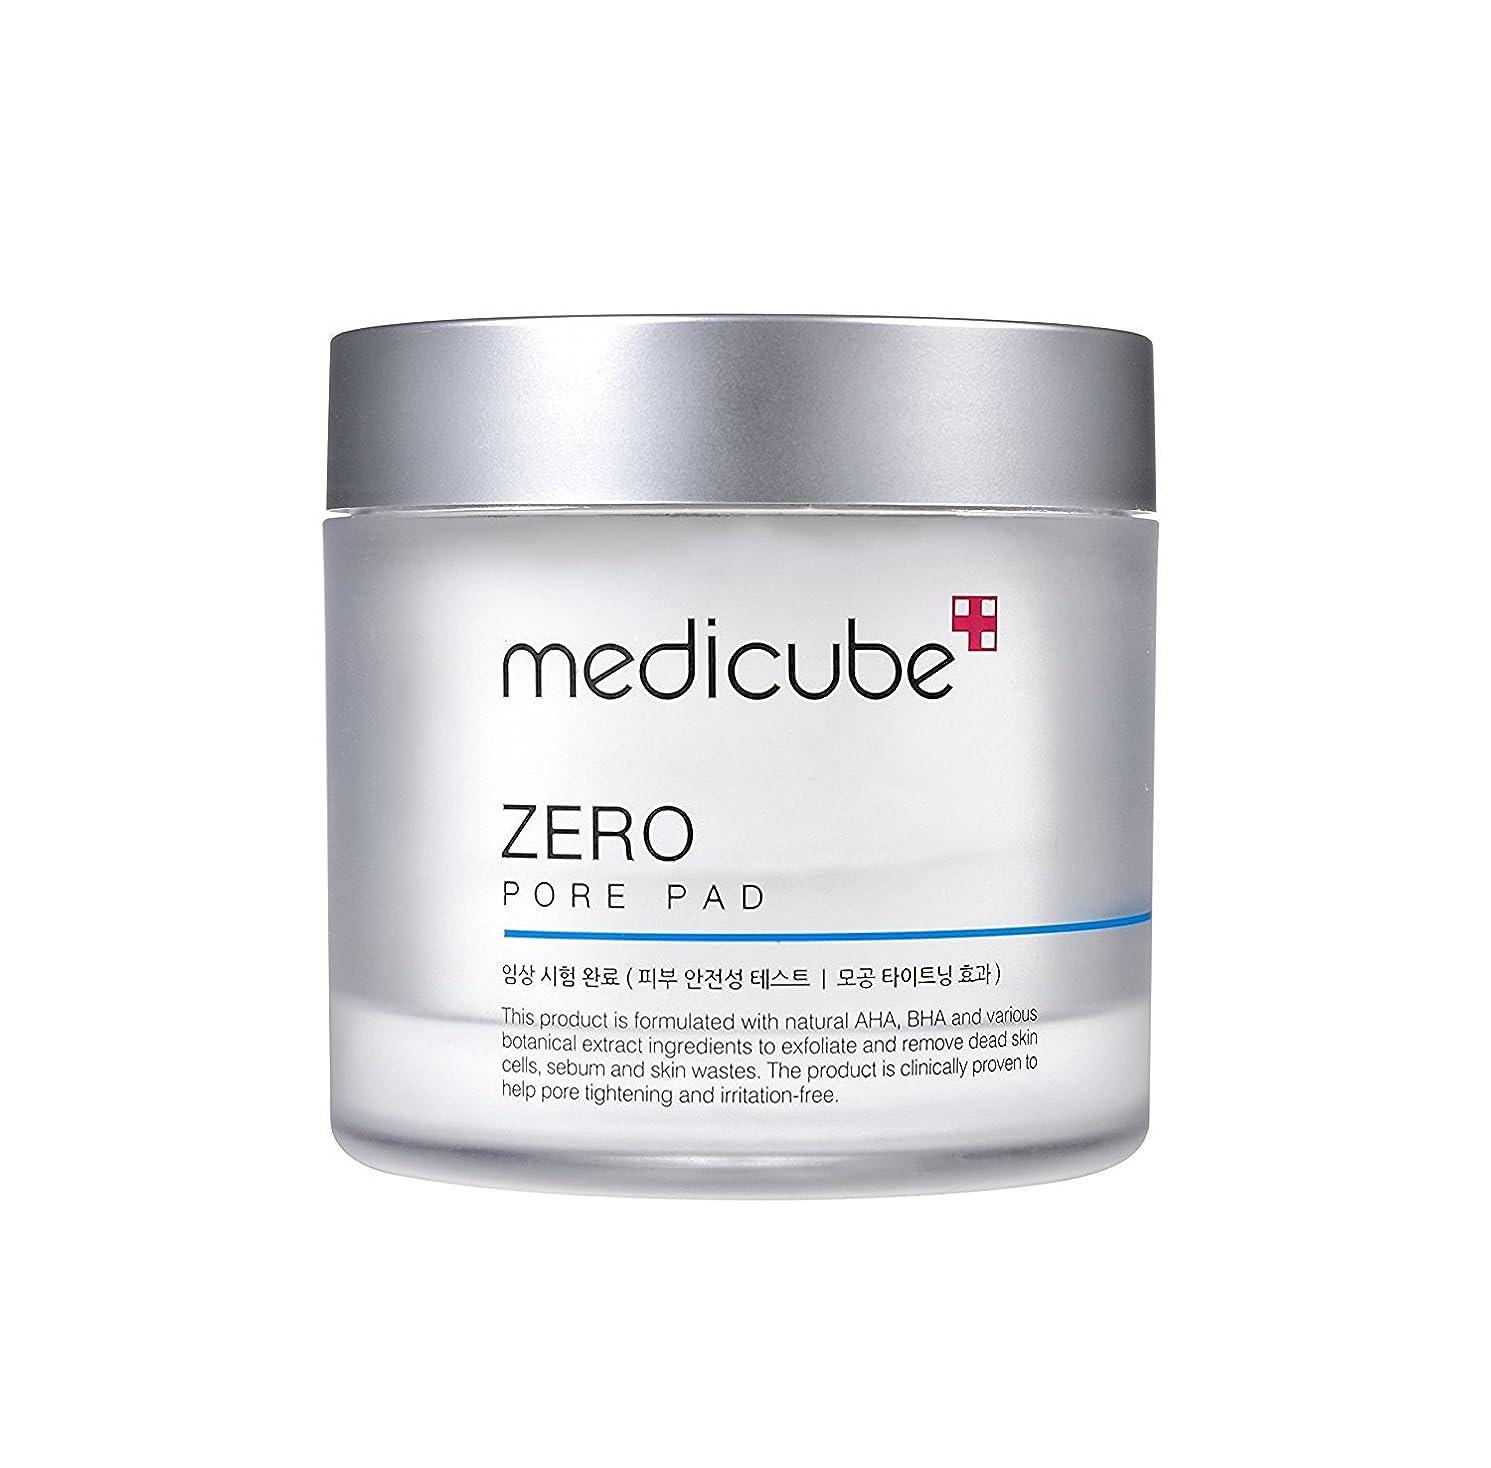 オーバードロー長椅子ドメイン[Medicube]Zero Pore Pad / ゼロ毛穴パッド / 正品?海外直送商品 [並行輸入品]